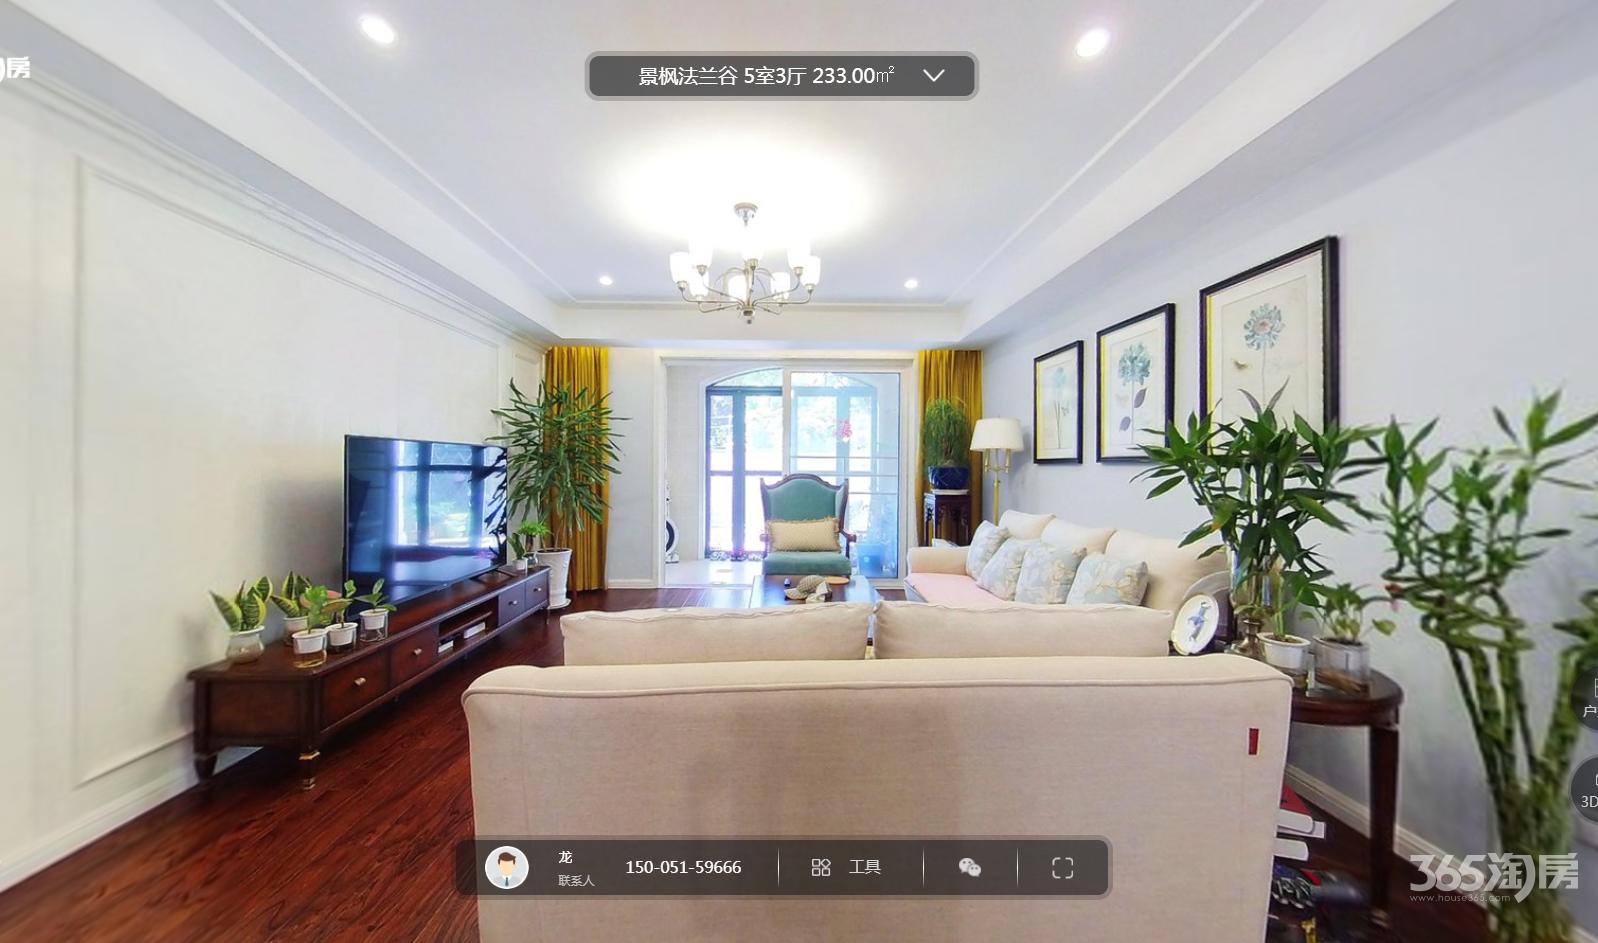 景枫法兰谷5室3厅3卫233平方米920万元